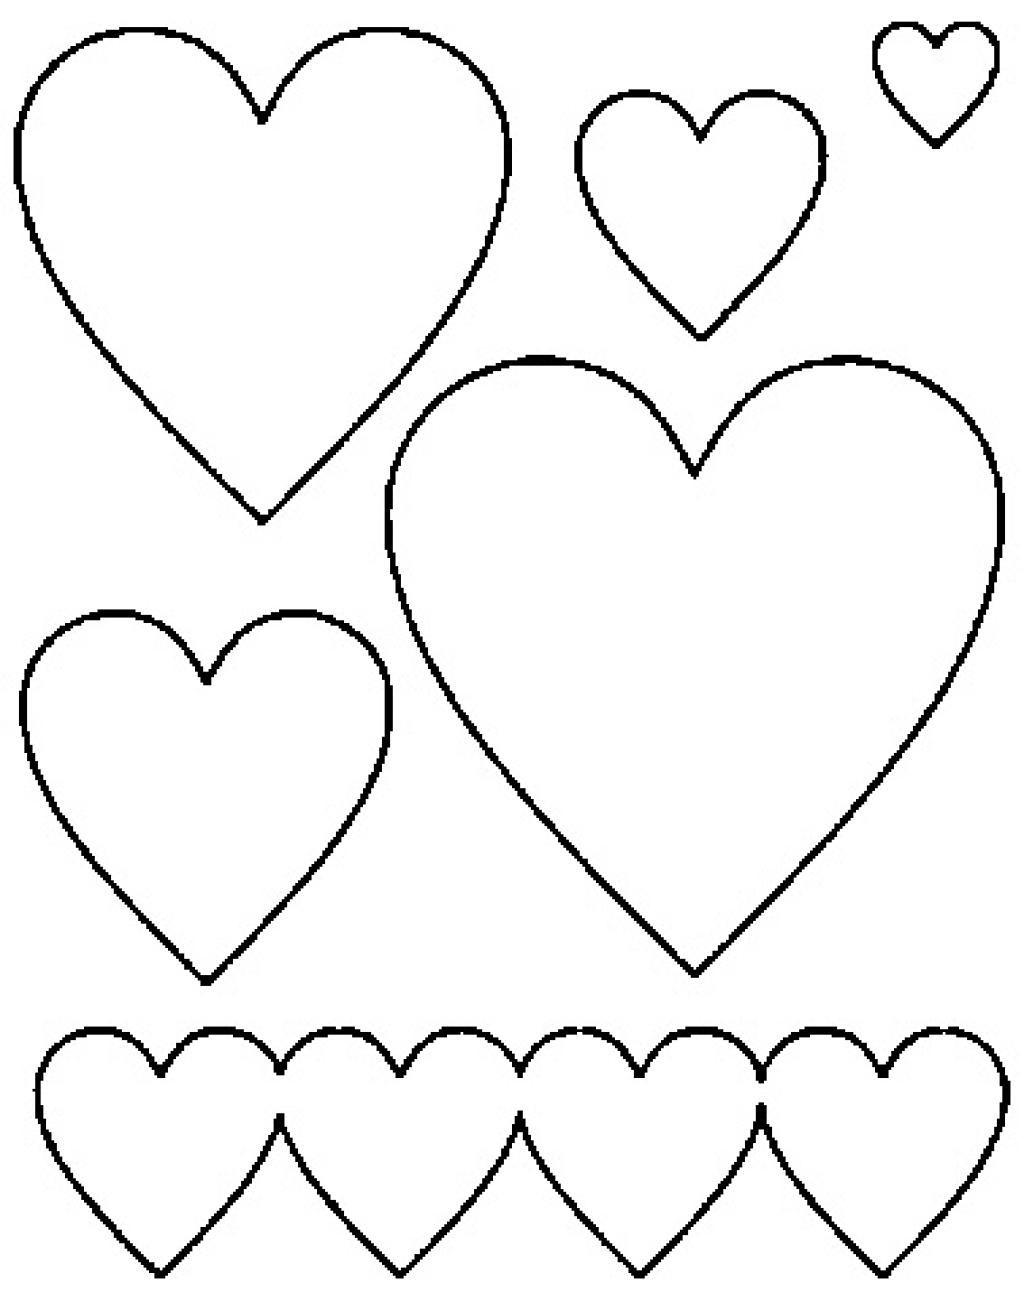 Des Cœurs Remplis De Fleurs En Forme De Coeur! 6 Modèles À concernant Coeur A Imprimer Et Decouper